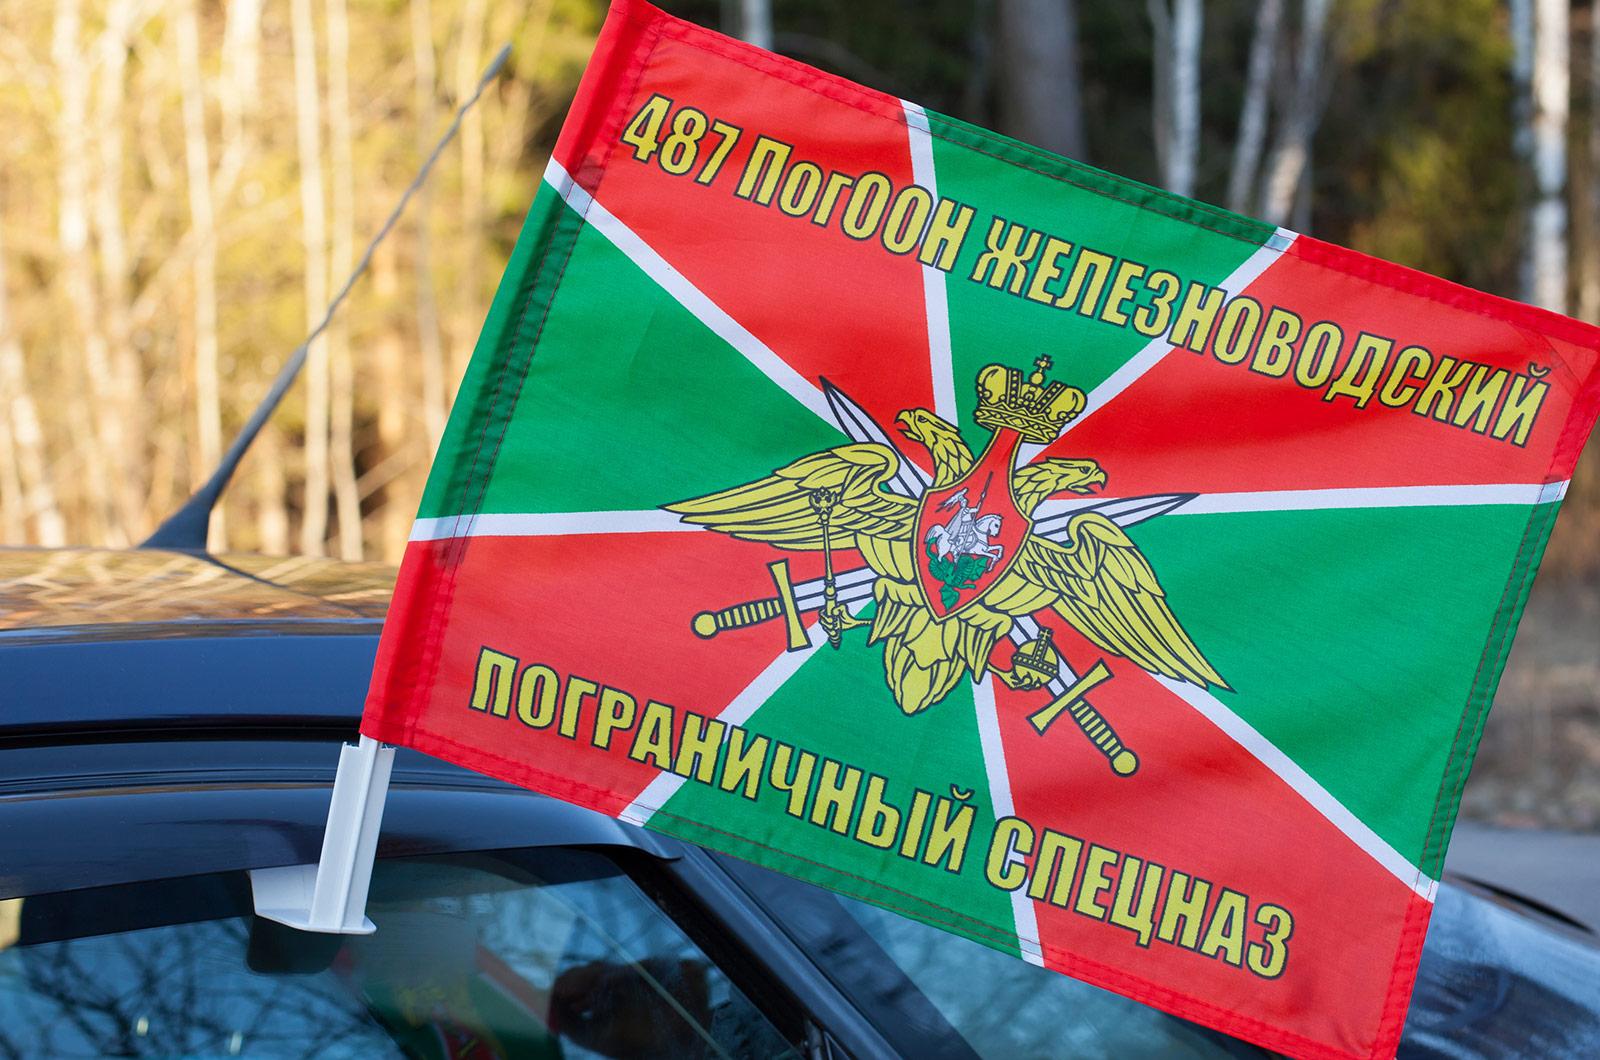 Купить флаг на машину 487 Железноводский ПогООН